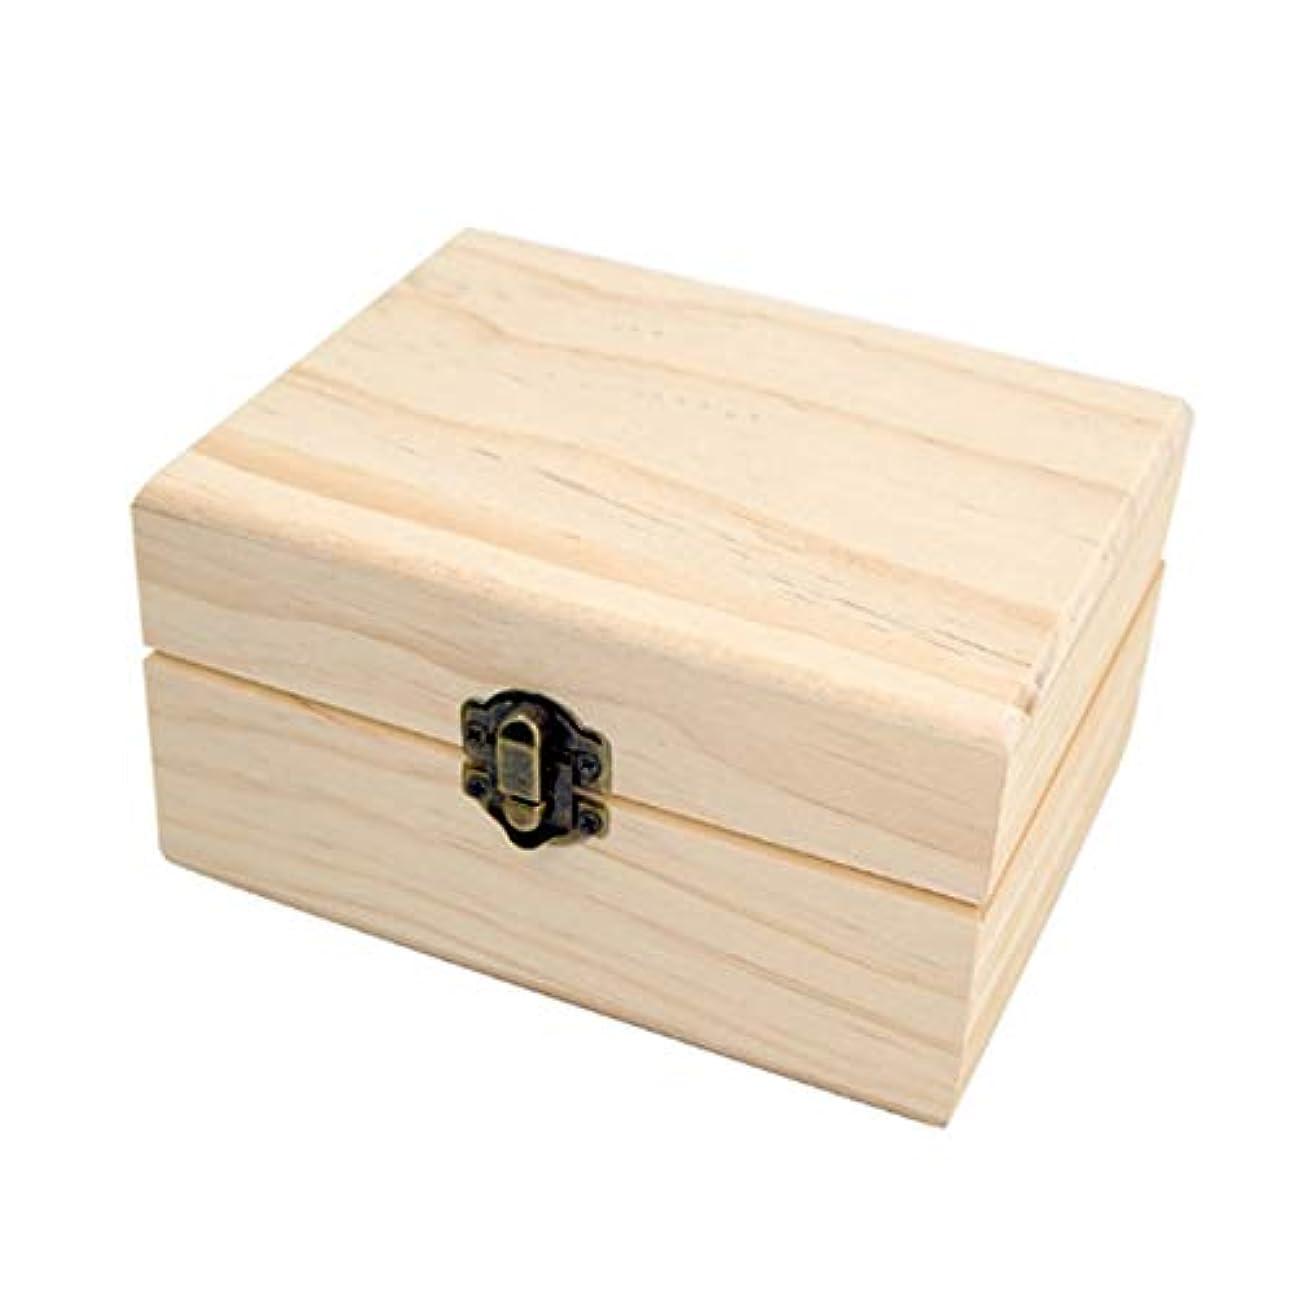 小道具責任減衰フェリモア エッセンシャルオイル 収納ボックス ボトル用 松 木製 格子状 倒れにくい 12マス (ブラウン)